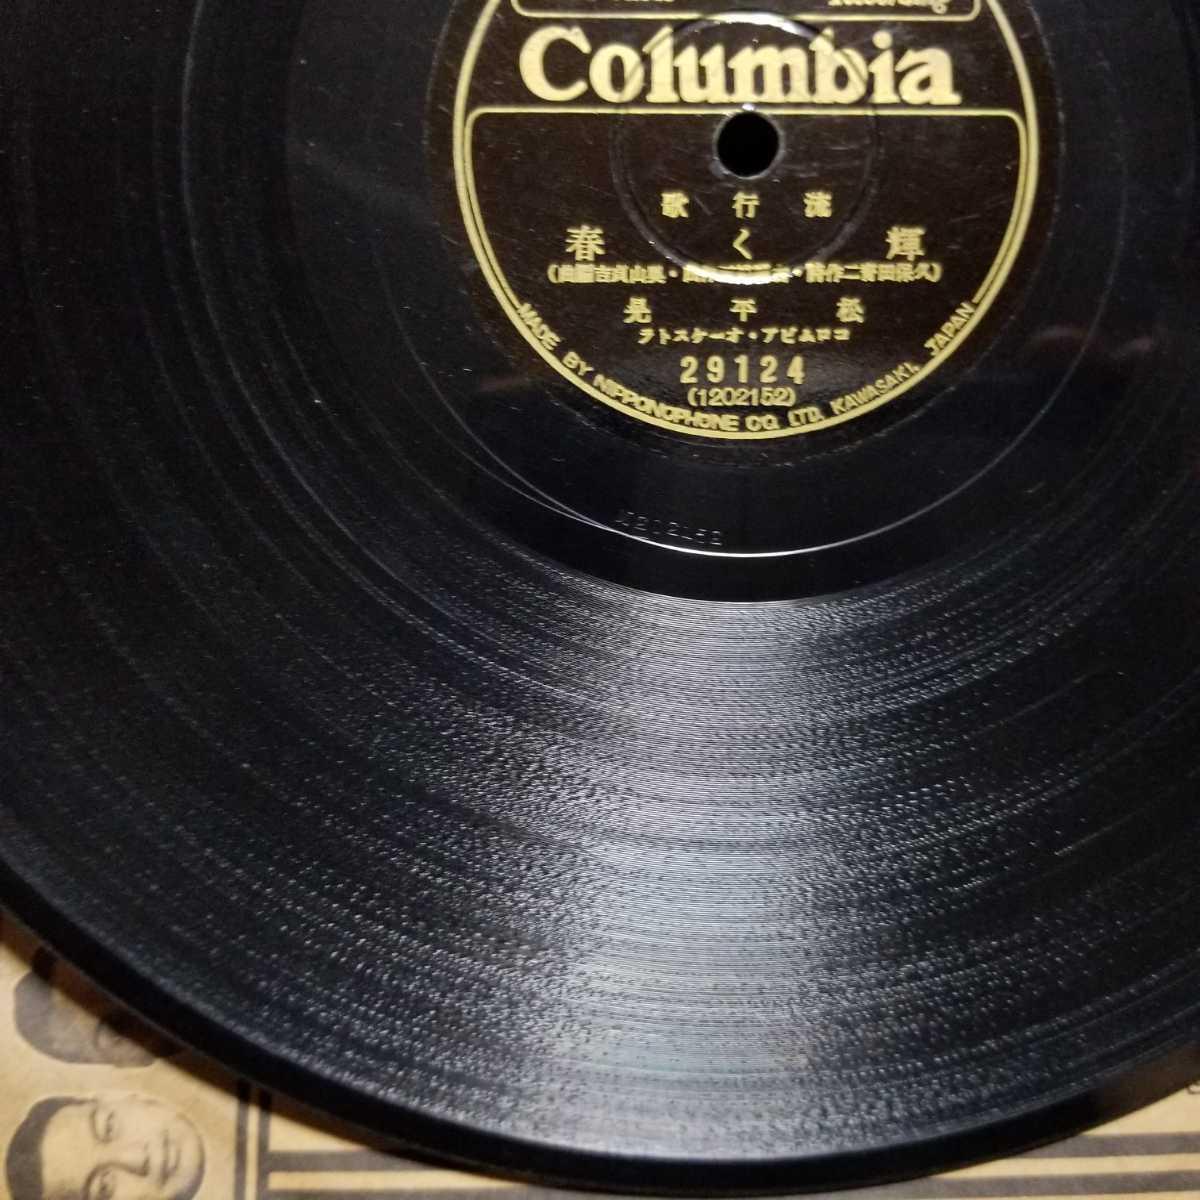 流行歌 輝く春 松平晃 ※ あの山越えて ミス・コロムビア 蓄音機SPレコード盤10インチ(25cm) (16_画像6